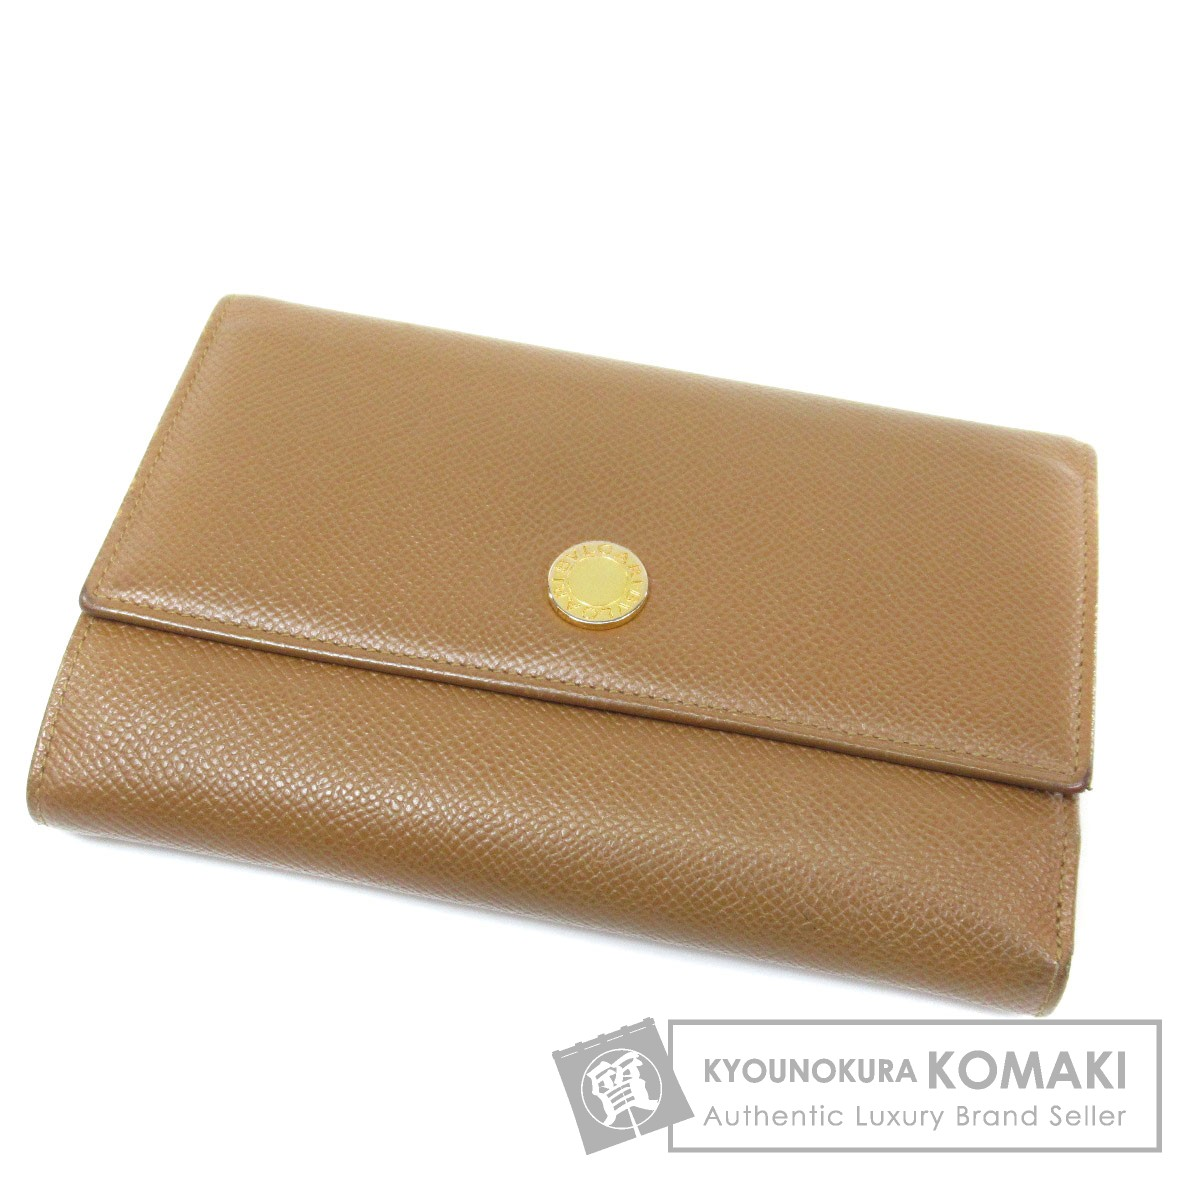 BVLGARI 三つ折り 二つ折り財布(小銭入れあり) レザー レディース 【中古】【ブルガリ】